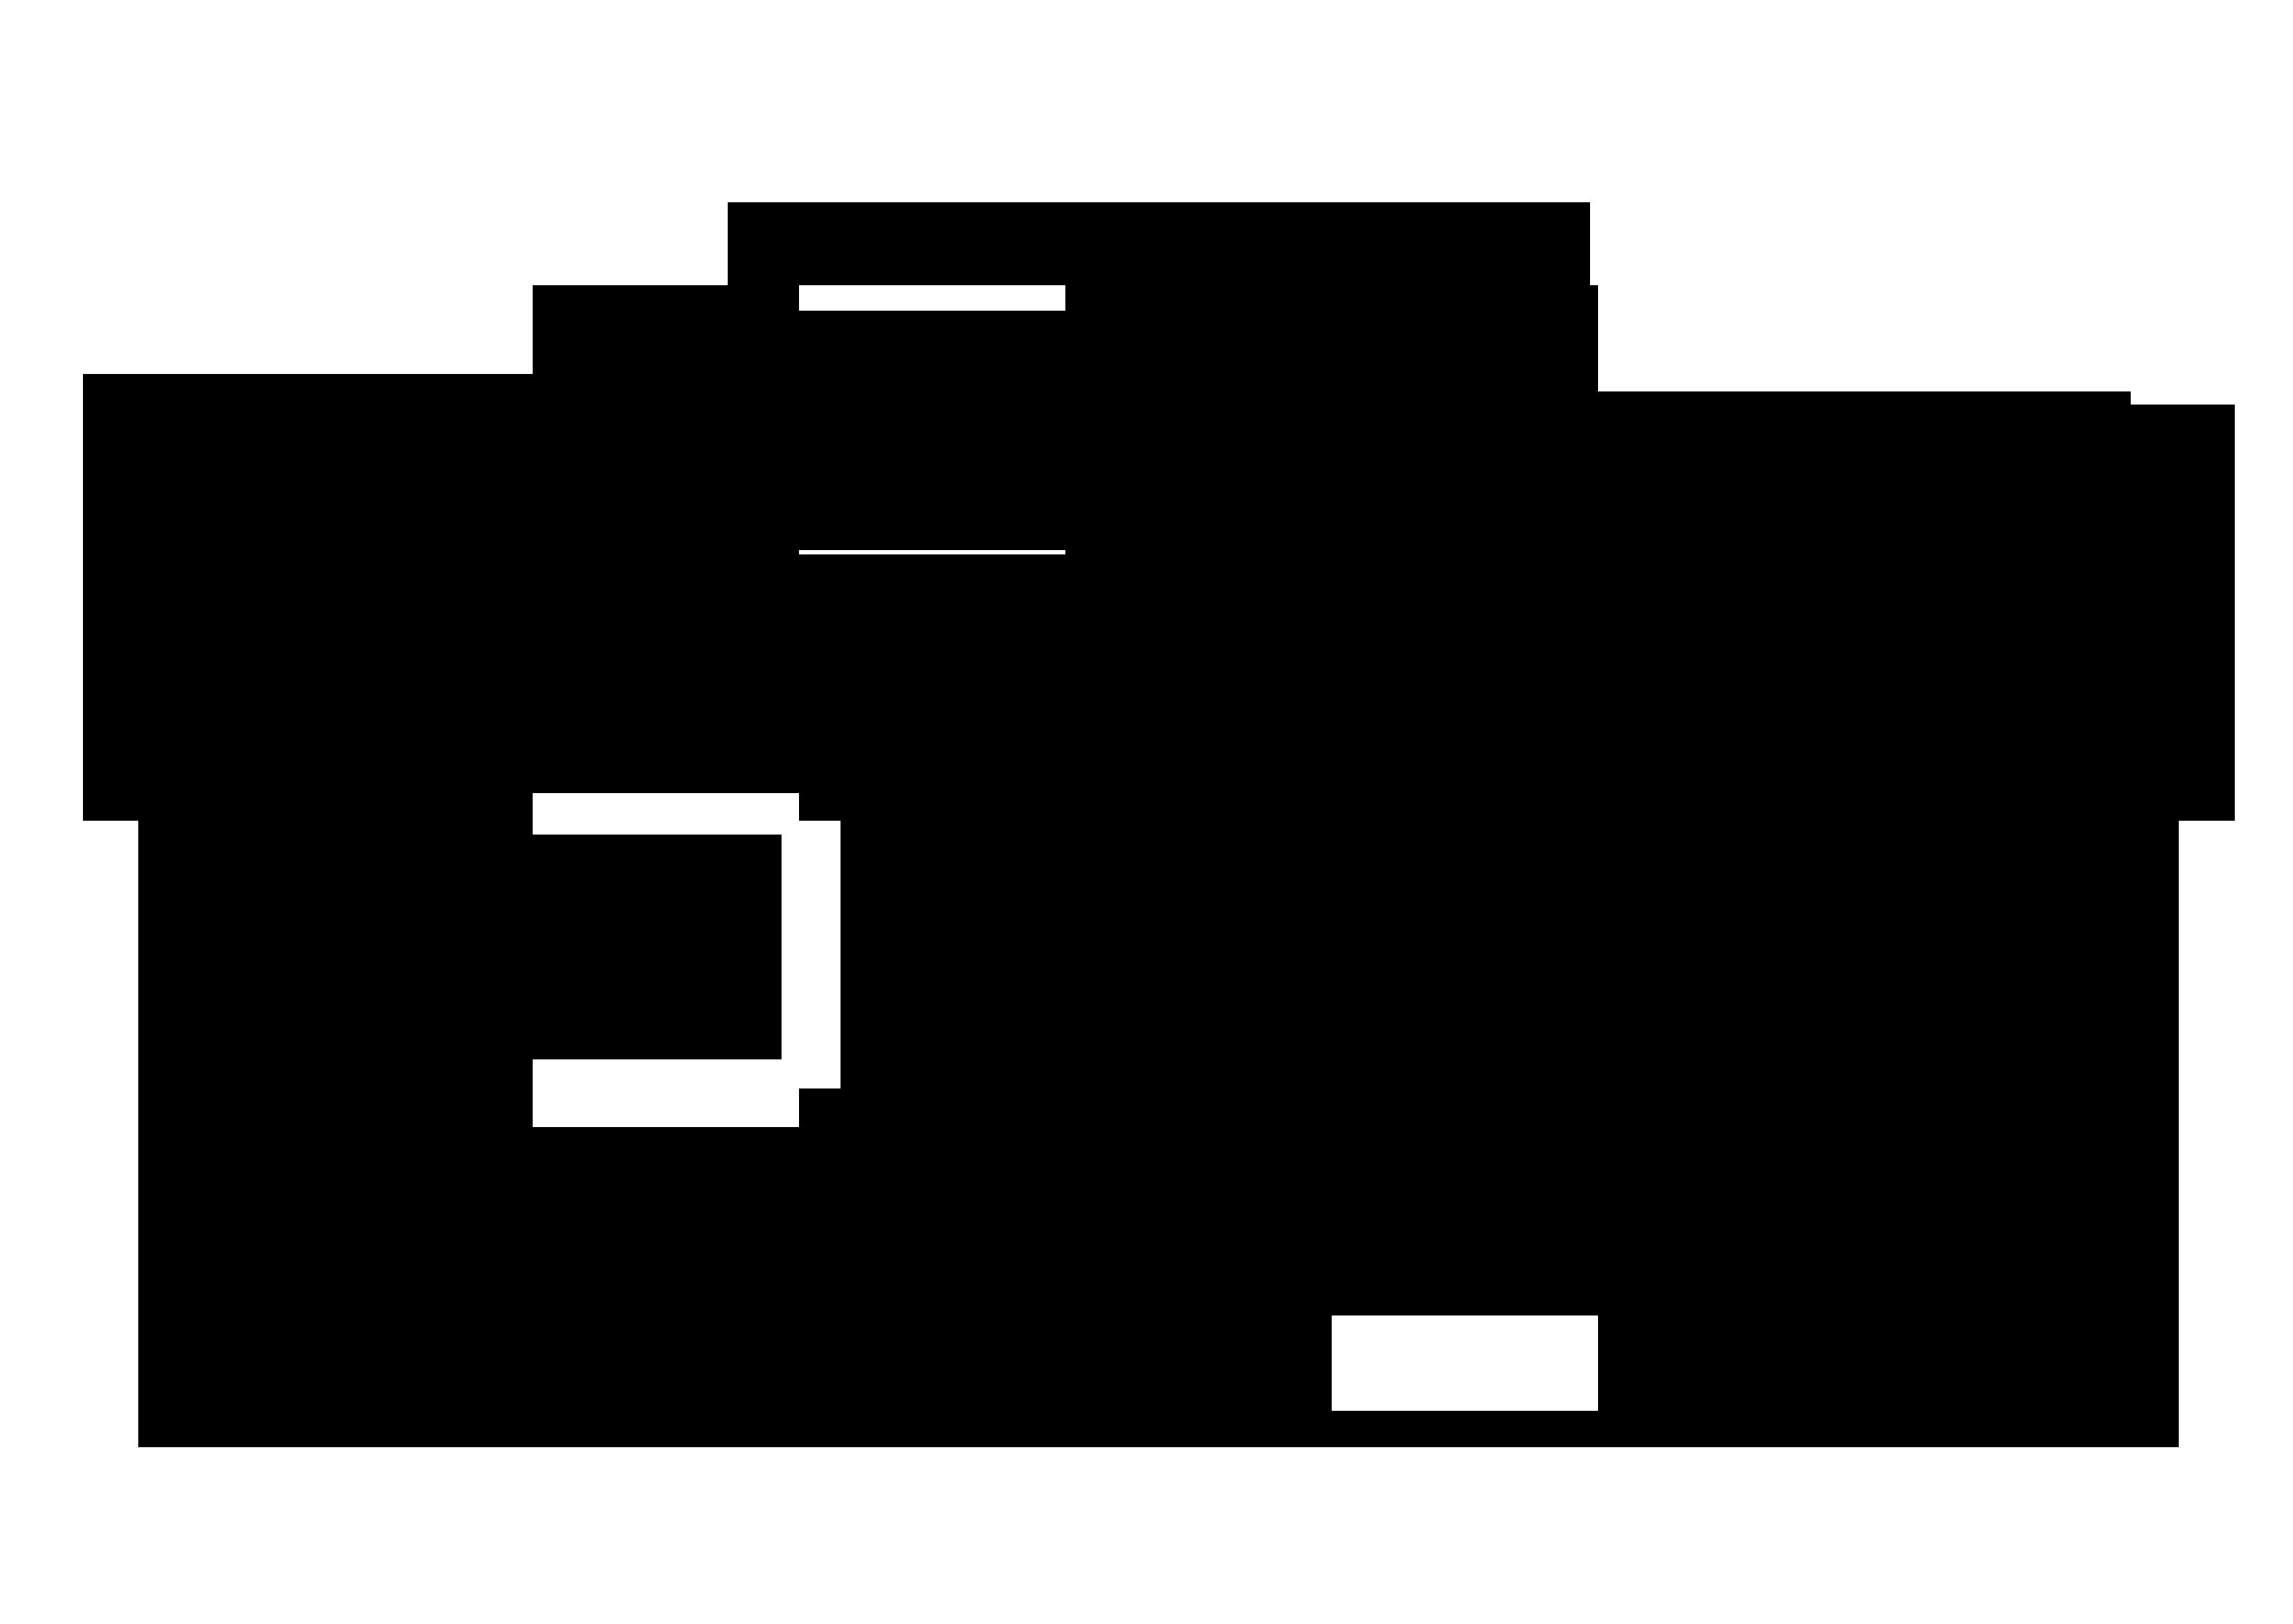 礁溪P001-確認平配 P001-1 (1)